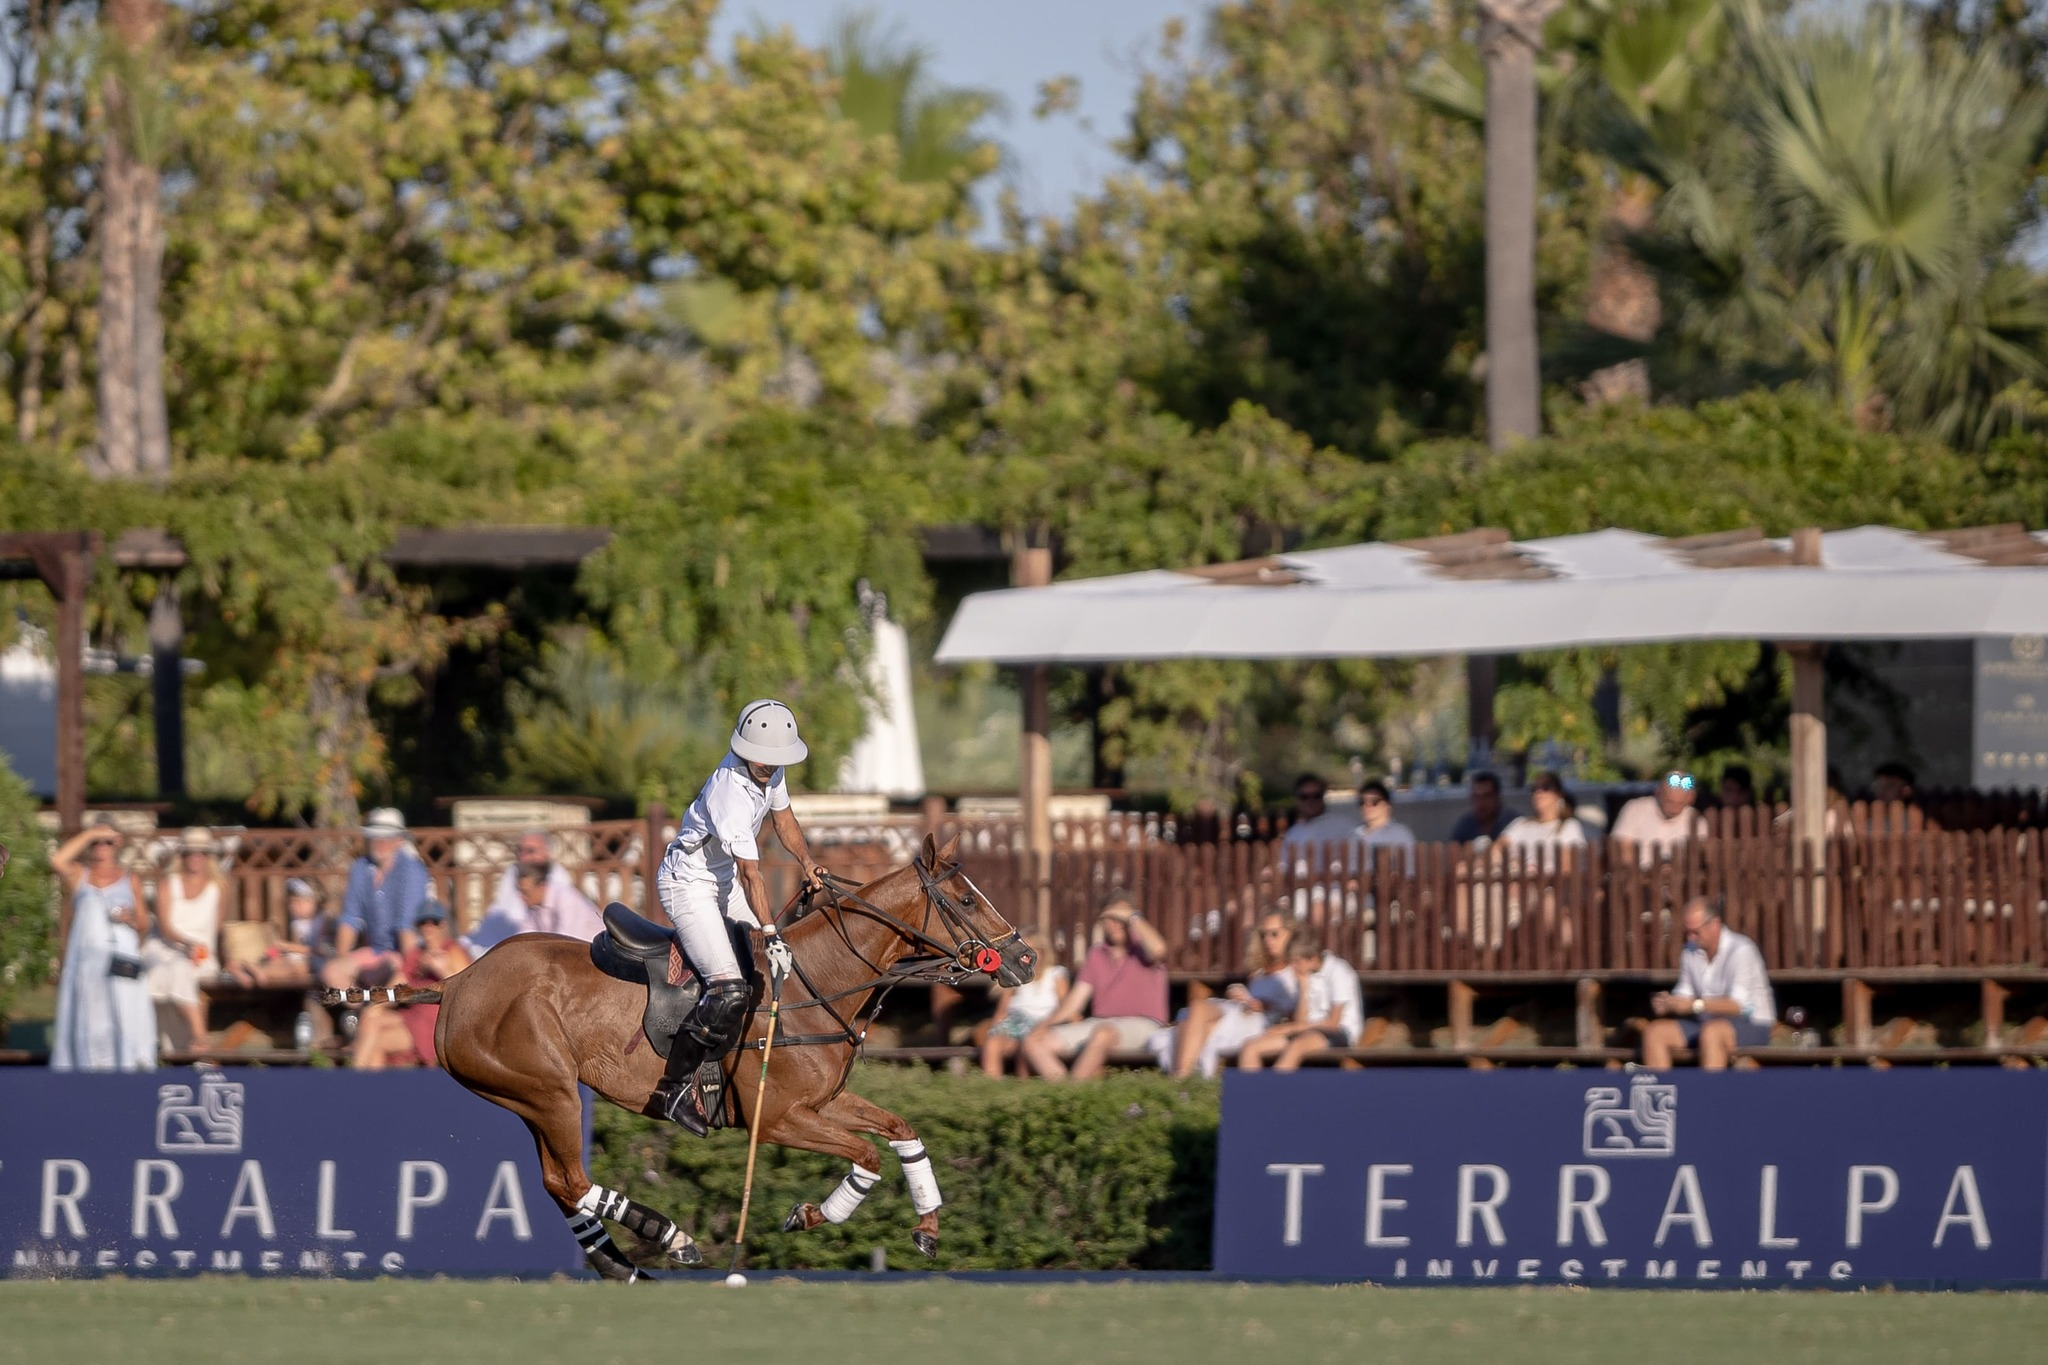 Copa de Plata Terralpa (50 Torneo Int. Polo Sotogrande)